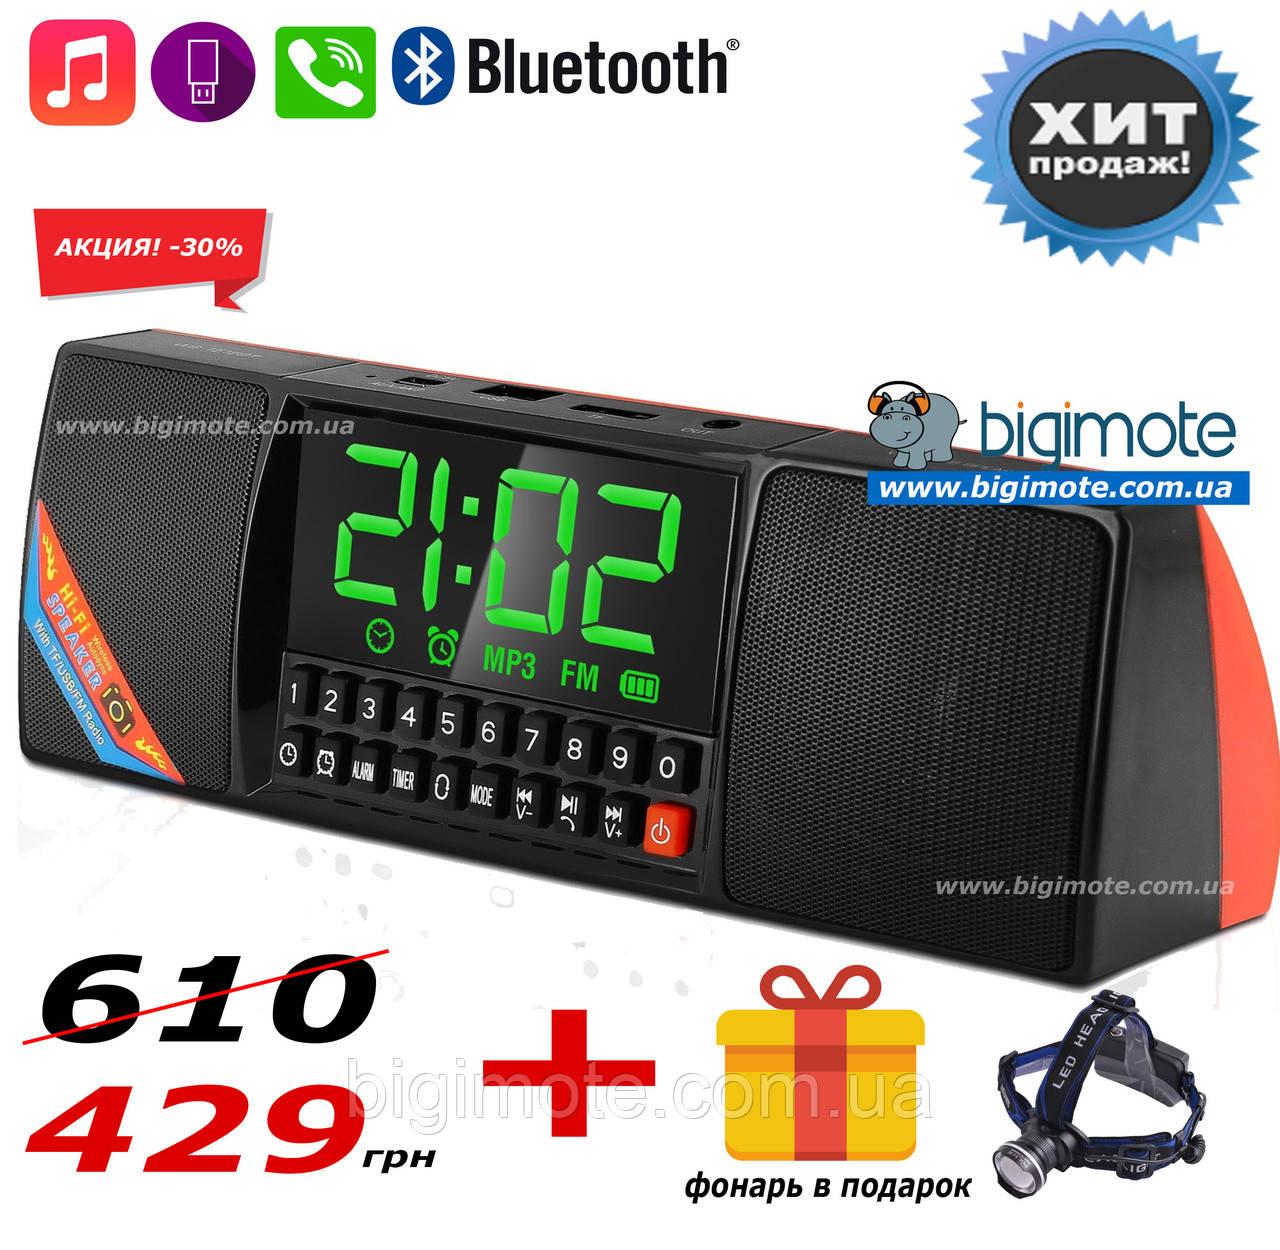 Качественный ФМ Радиоприемник WS, качественный радиоприемник,фм радио,часы,будильник, фм радиоприемник,ws1515,